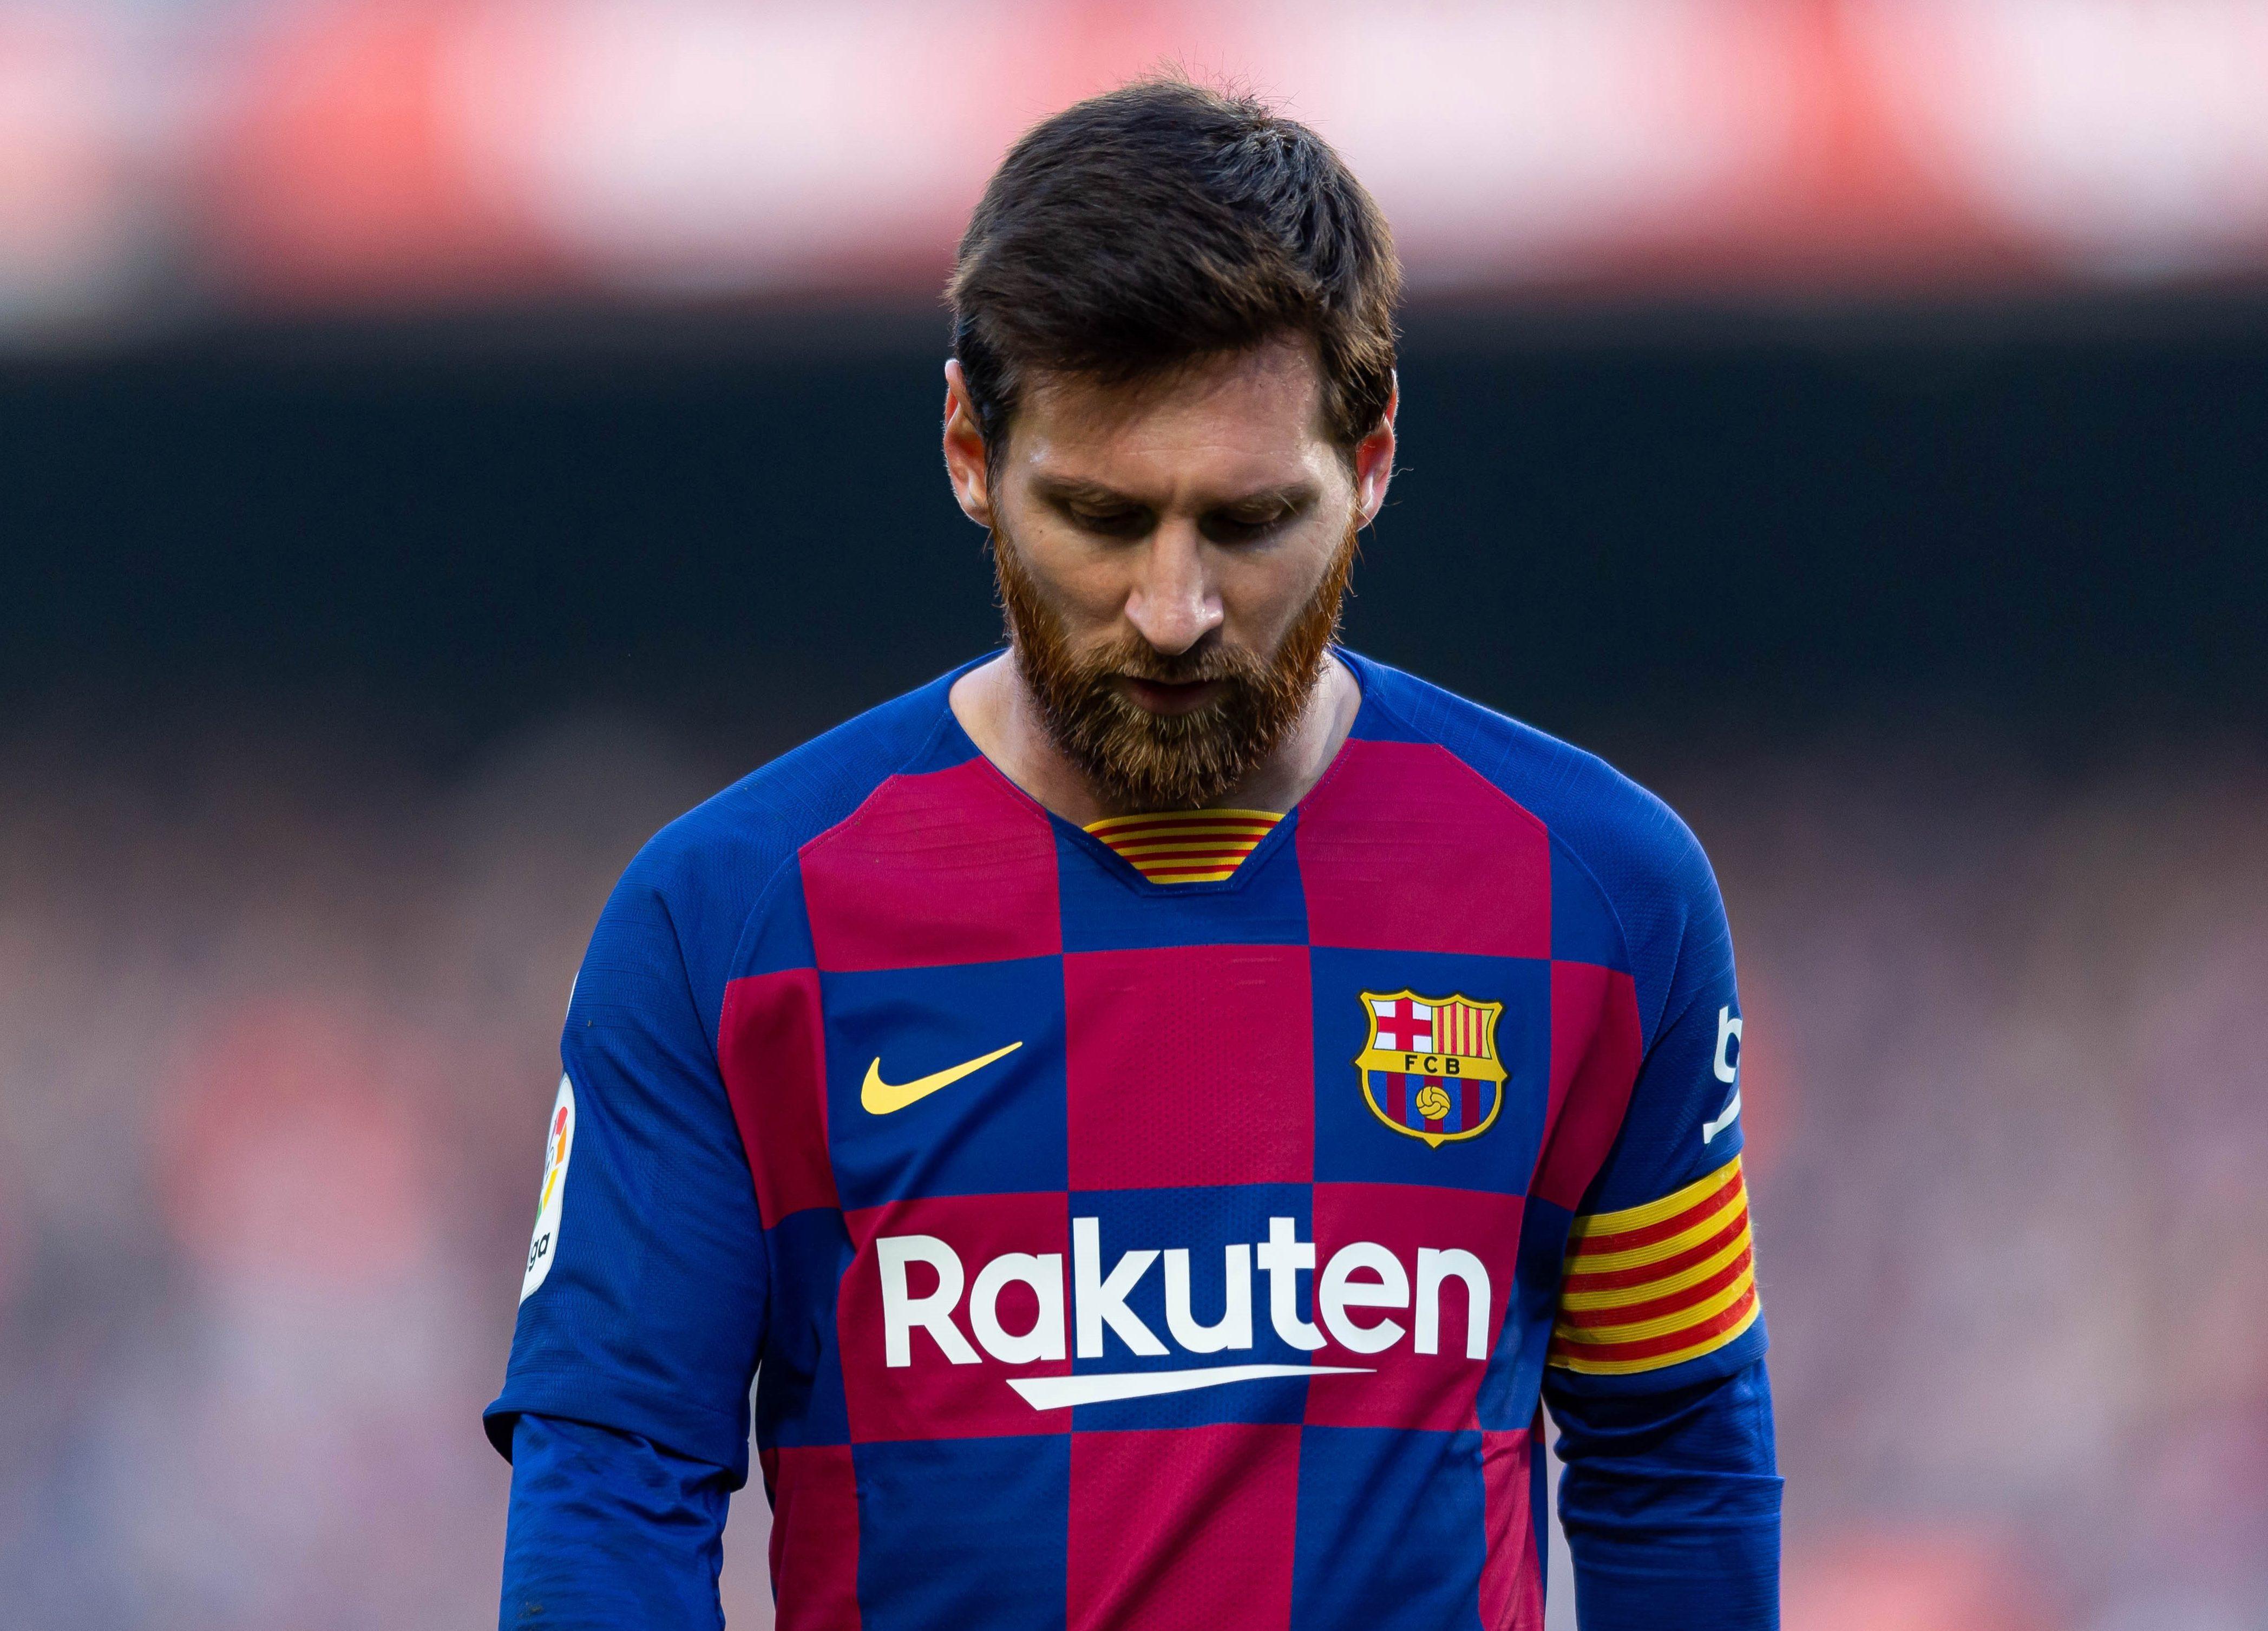 Барселона, Ла Лига, Роналд Куман, Лионель Месси, Жозеп Бартомеу, Лига чемпионов УЕФА